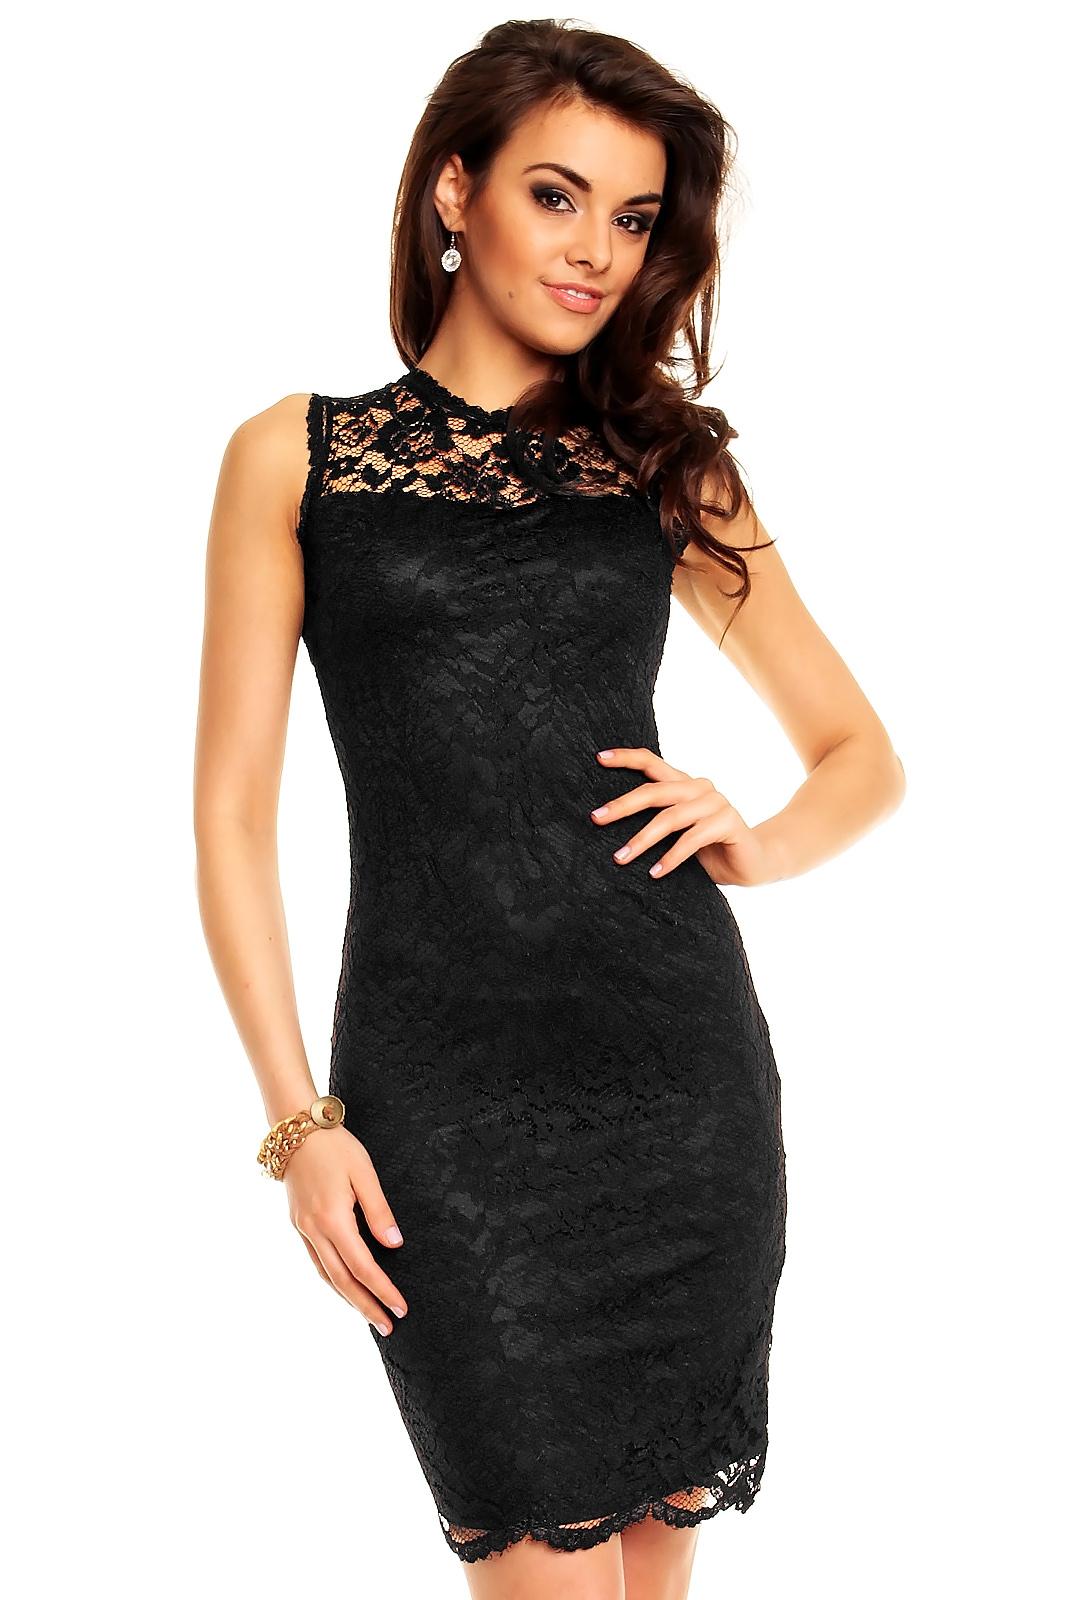 SinneMaXX Online Shop für Young Fashion Style   günstige ... dfa16221f9